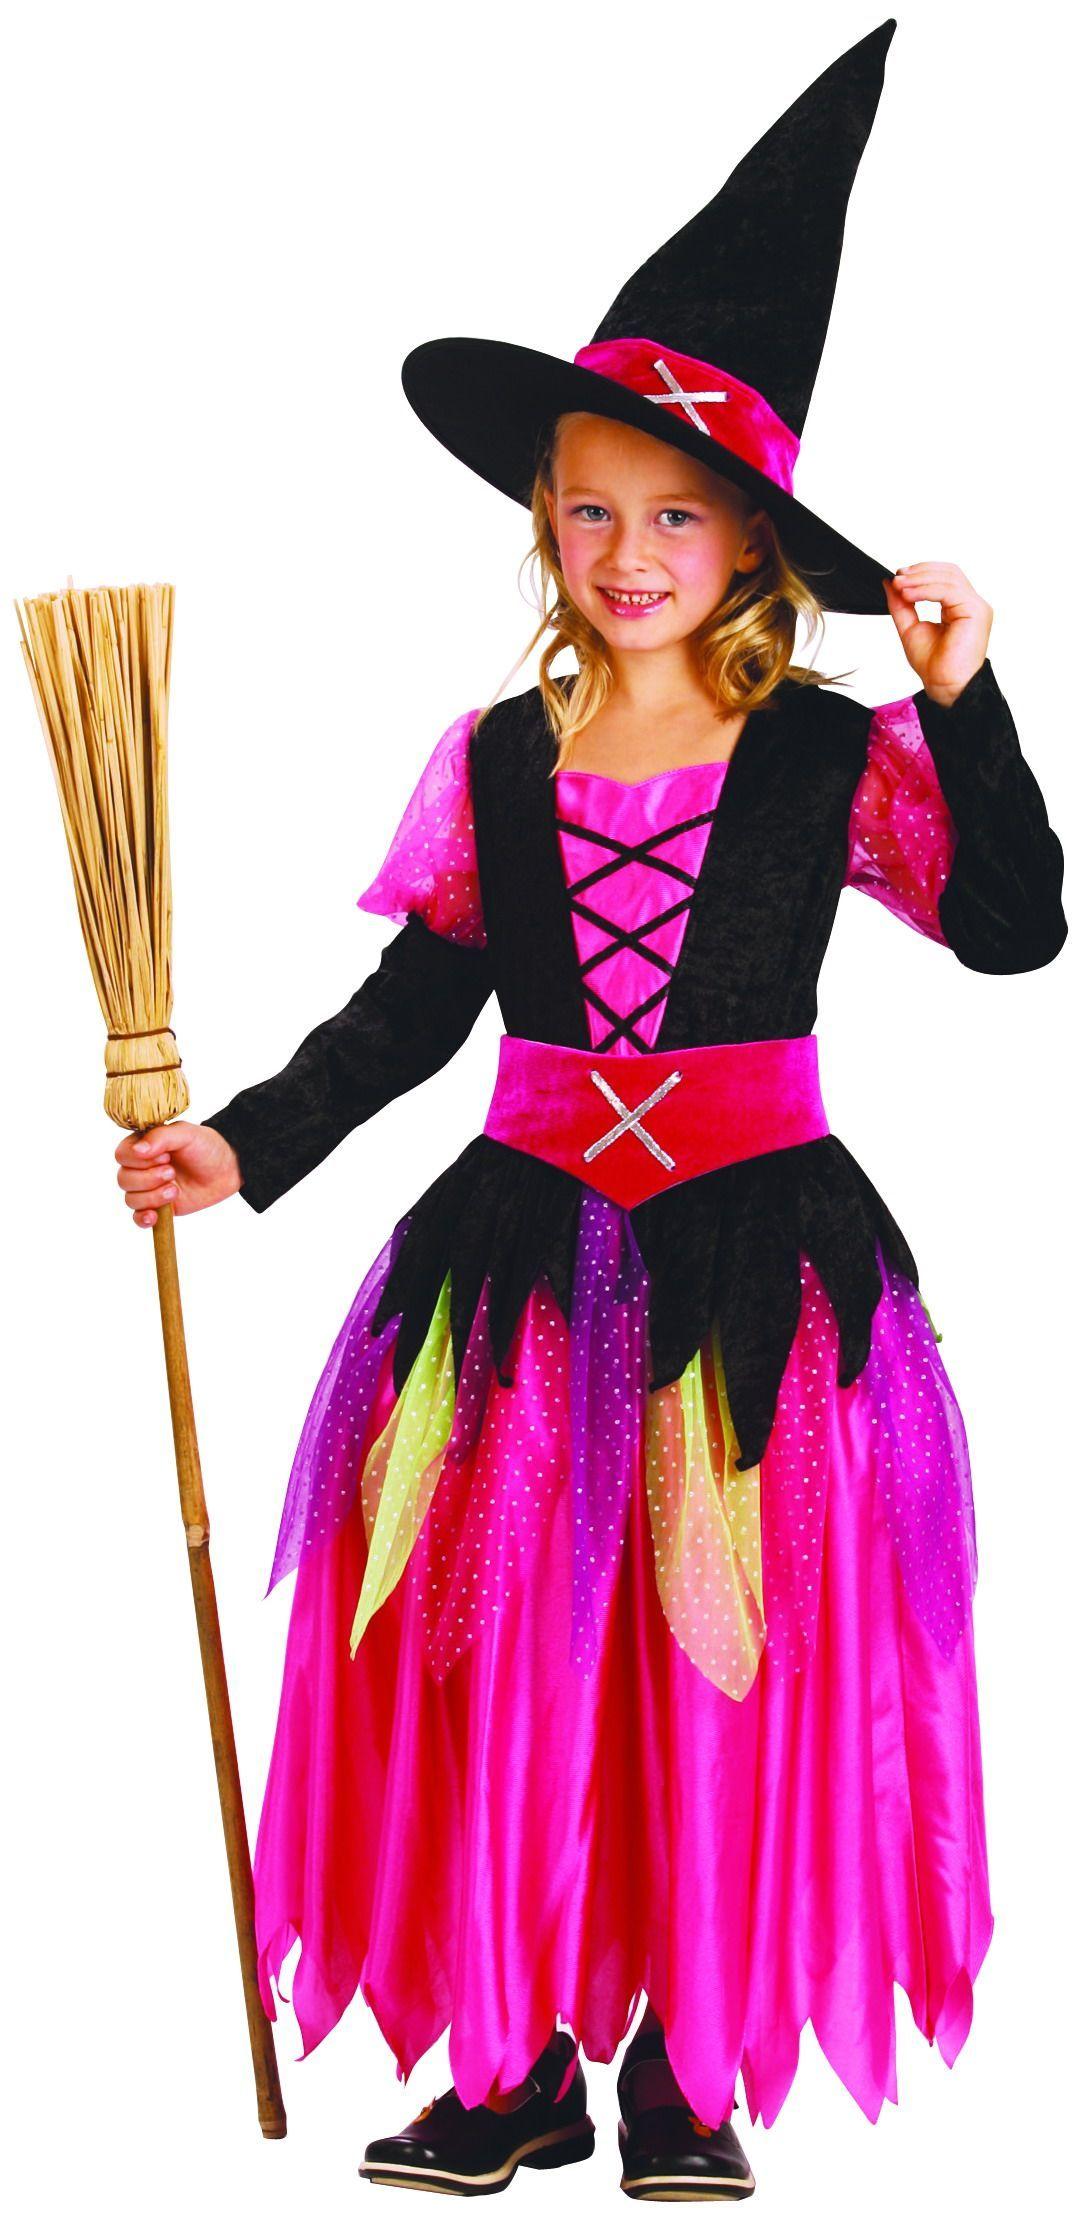 Déguisement rose sorcière fille Halloween | Костюмы ... - photo#46